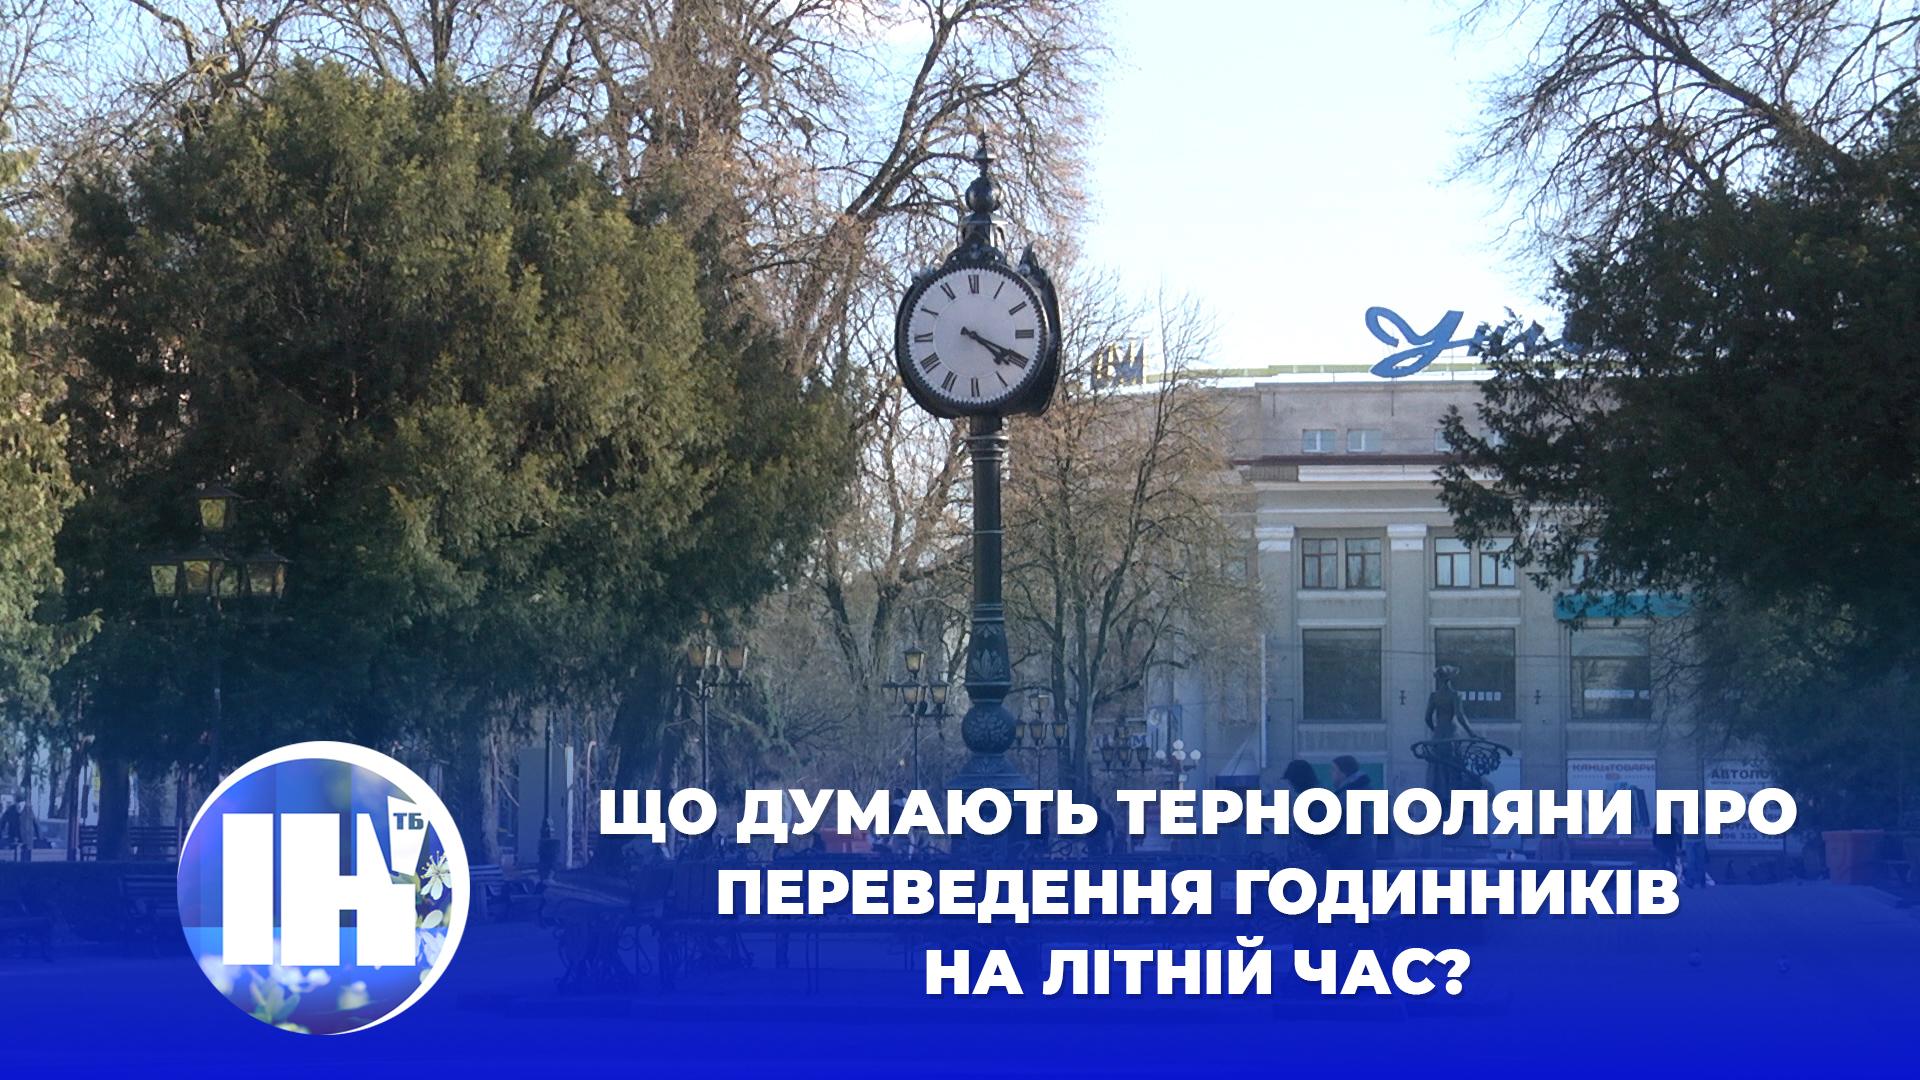 Що думають тернополяни про переведення годинників на літній час?